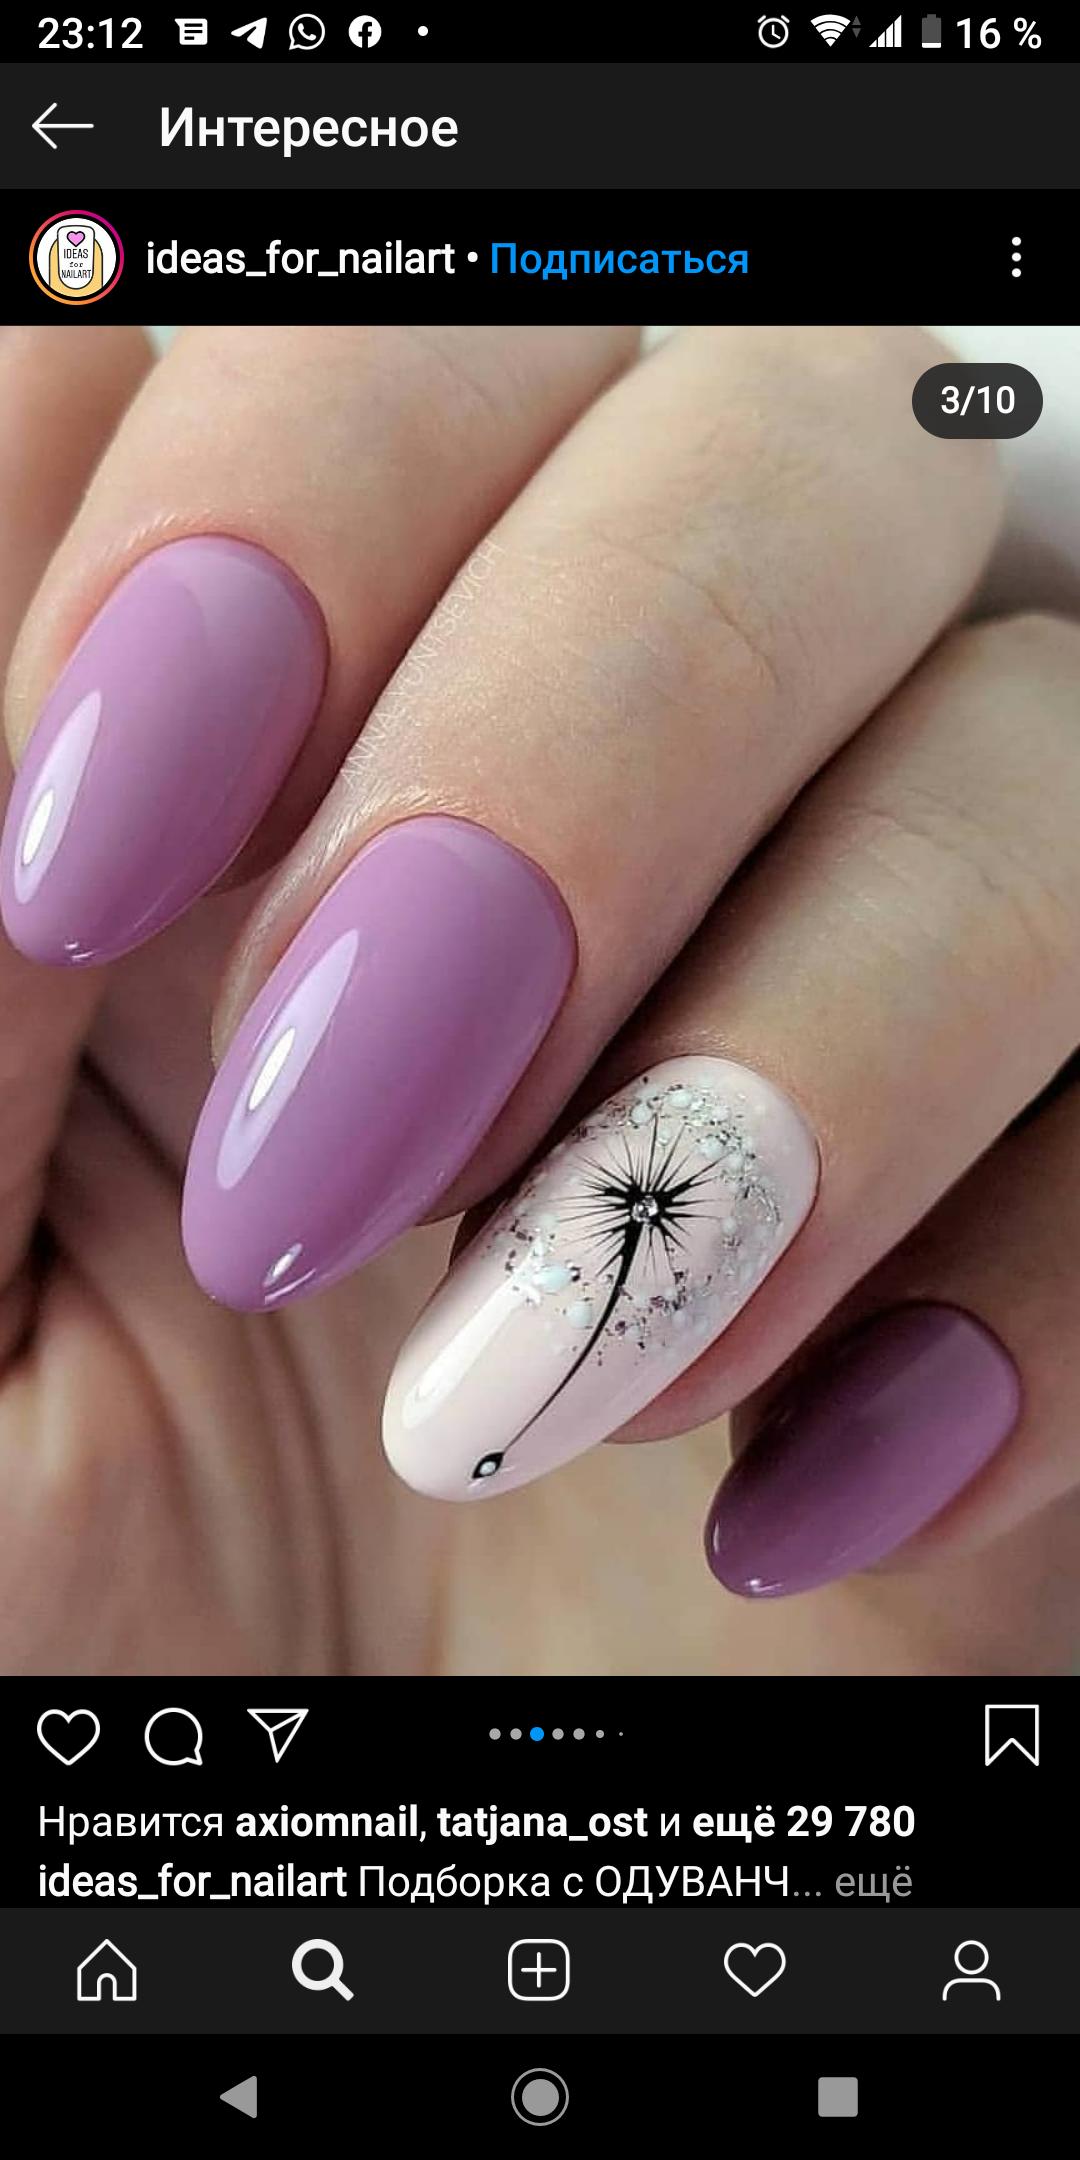 Маникюр с одуванчиком в лиловом цвете на длинные ногти.